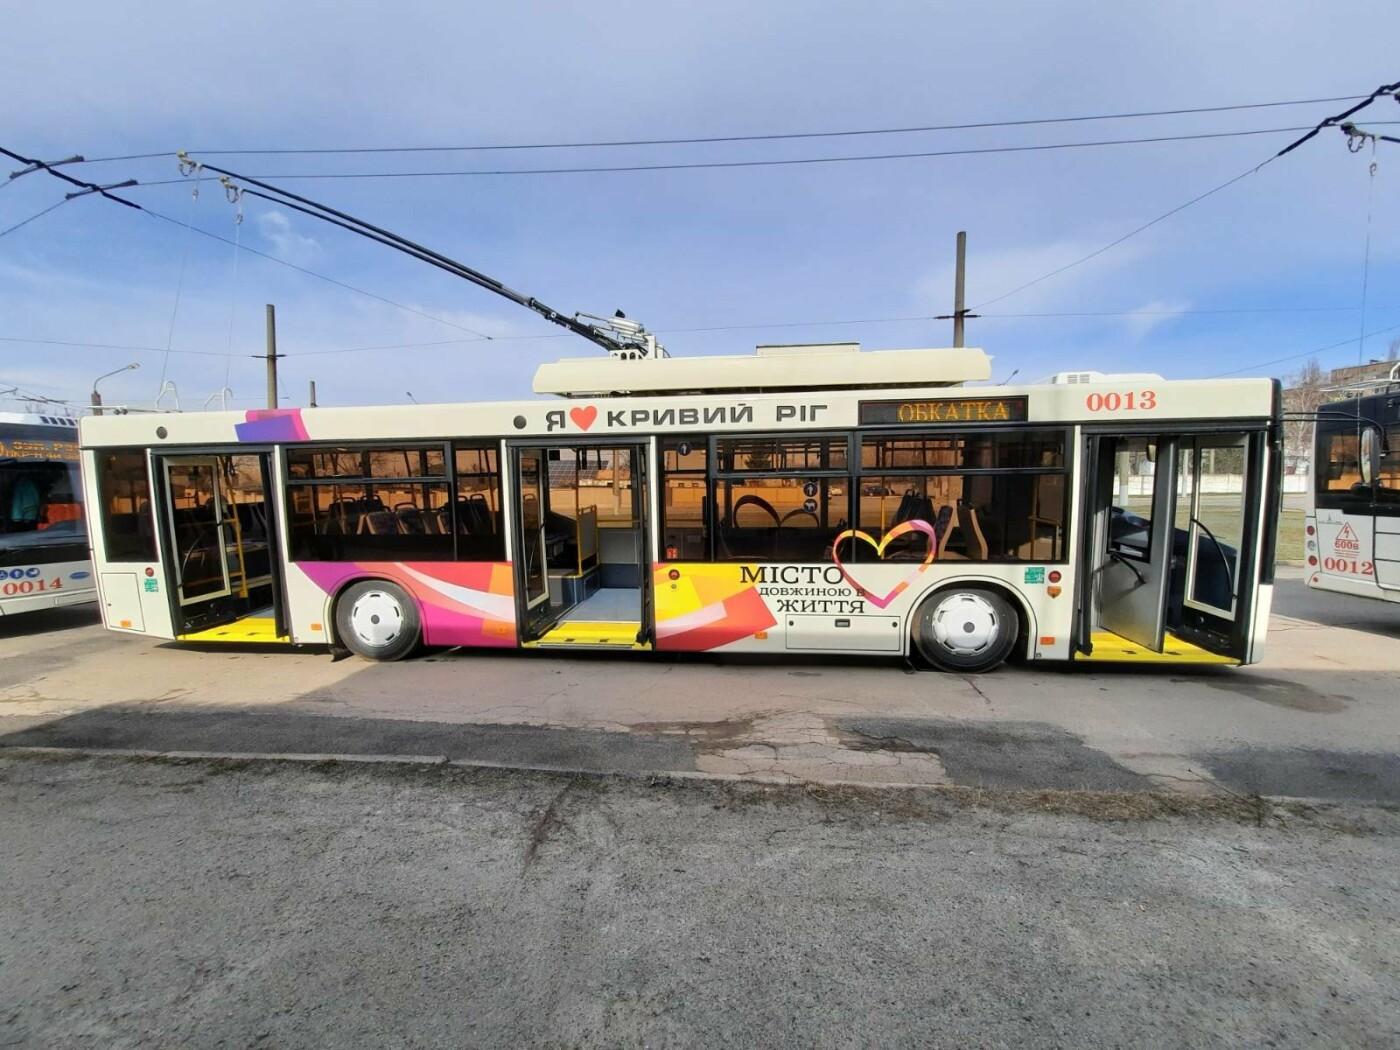 На один из маршрутов Кривого Рога вышли 6 новых троллейбусов, - ФОТО, фото-2